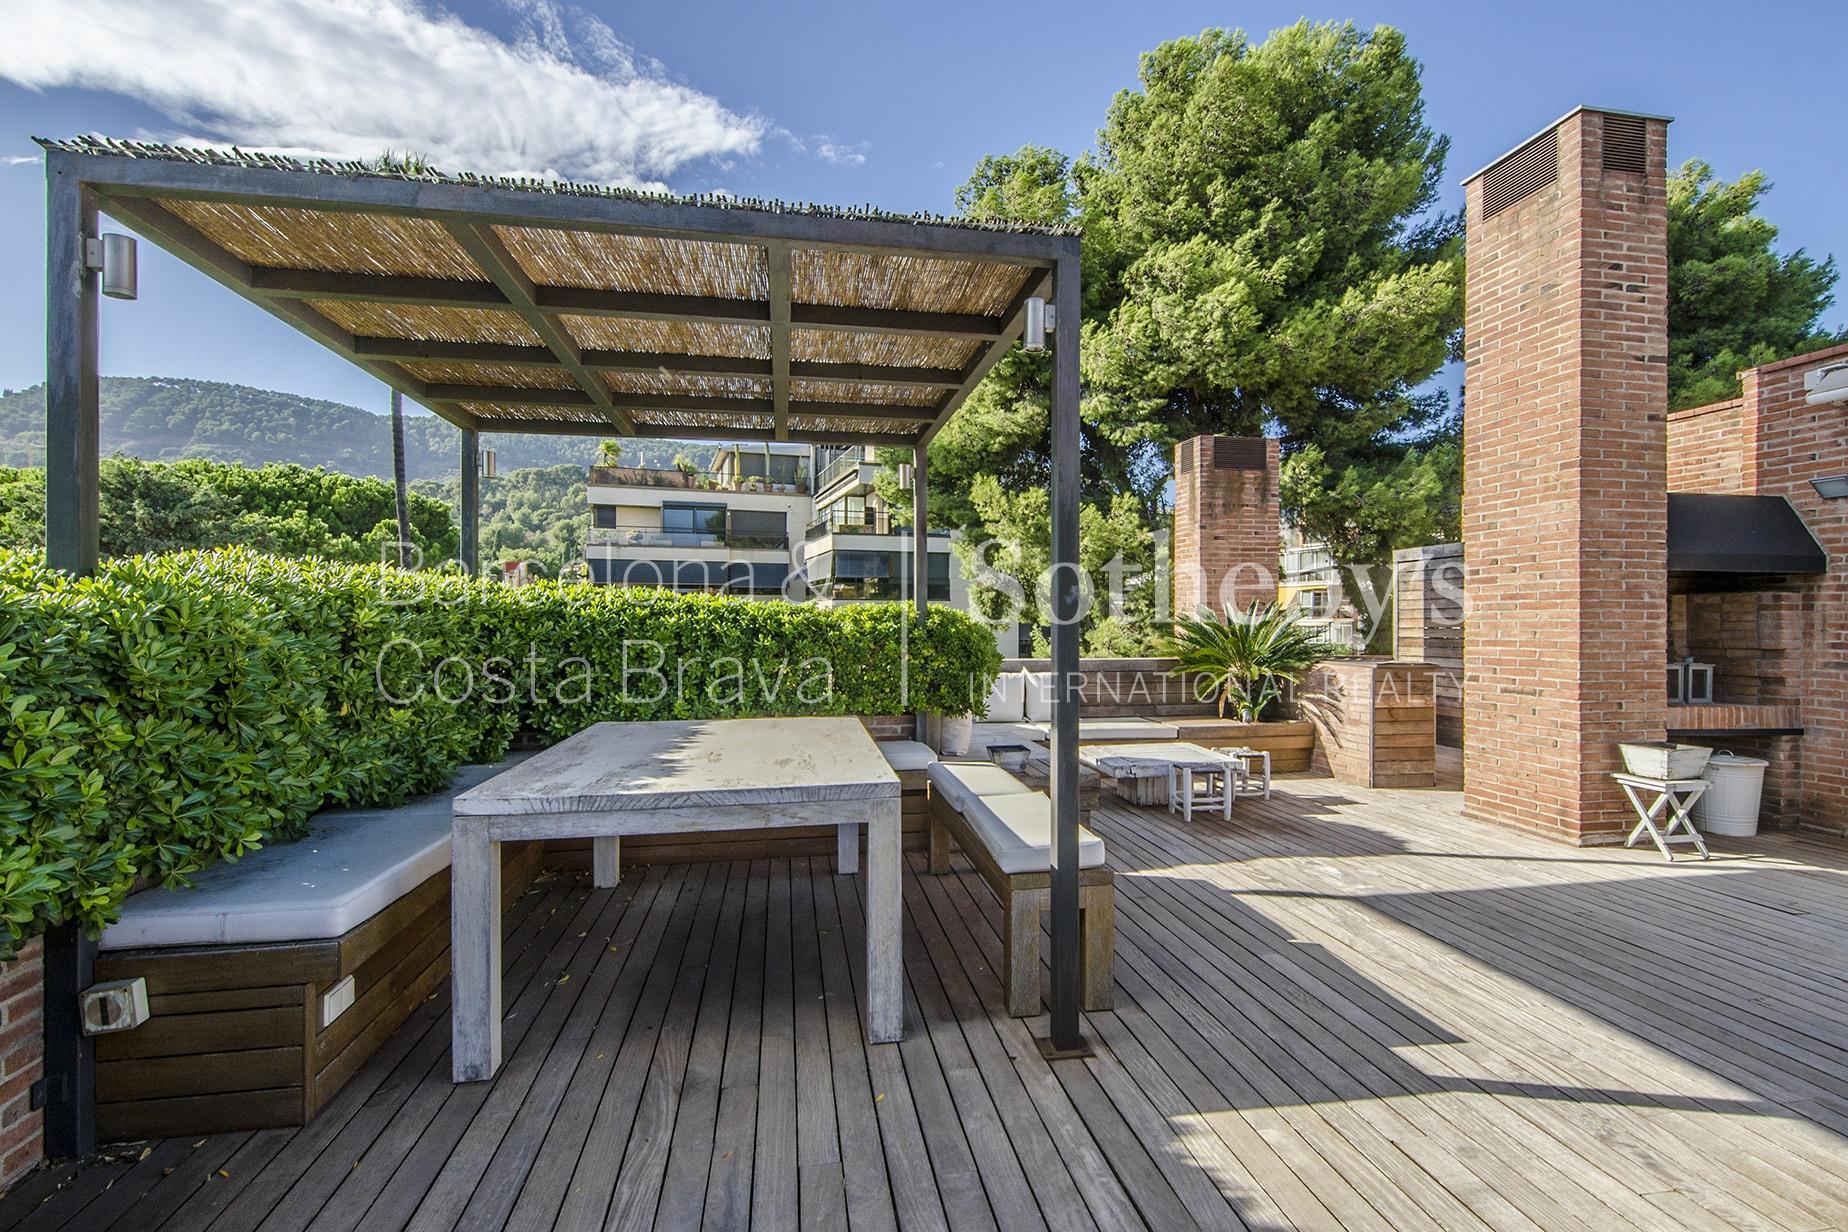 Квартира для того Продажа на Fabulous Duplex Penthouse in Pedralbes Zona Alta, Barcelona City, Barcelona 08034 Испания